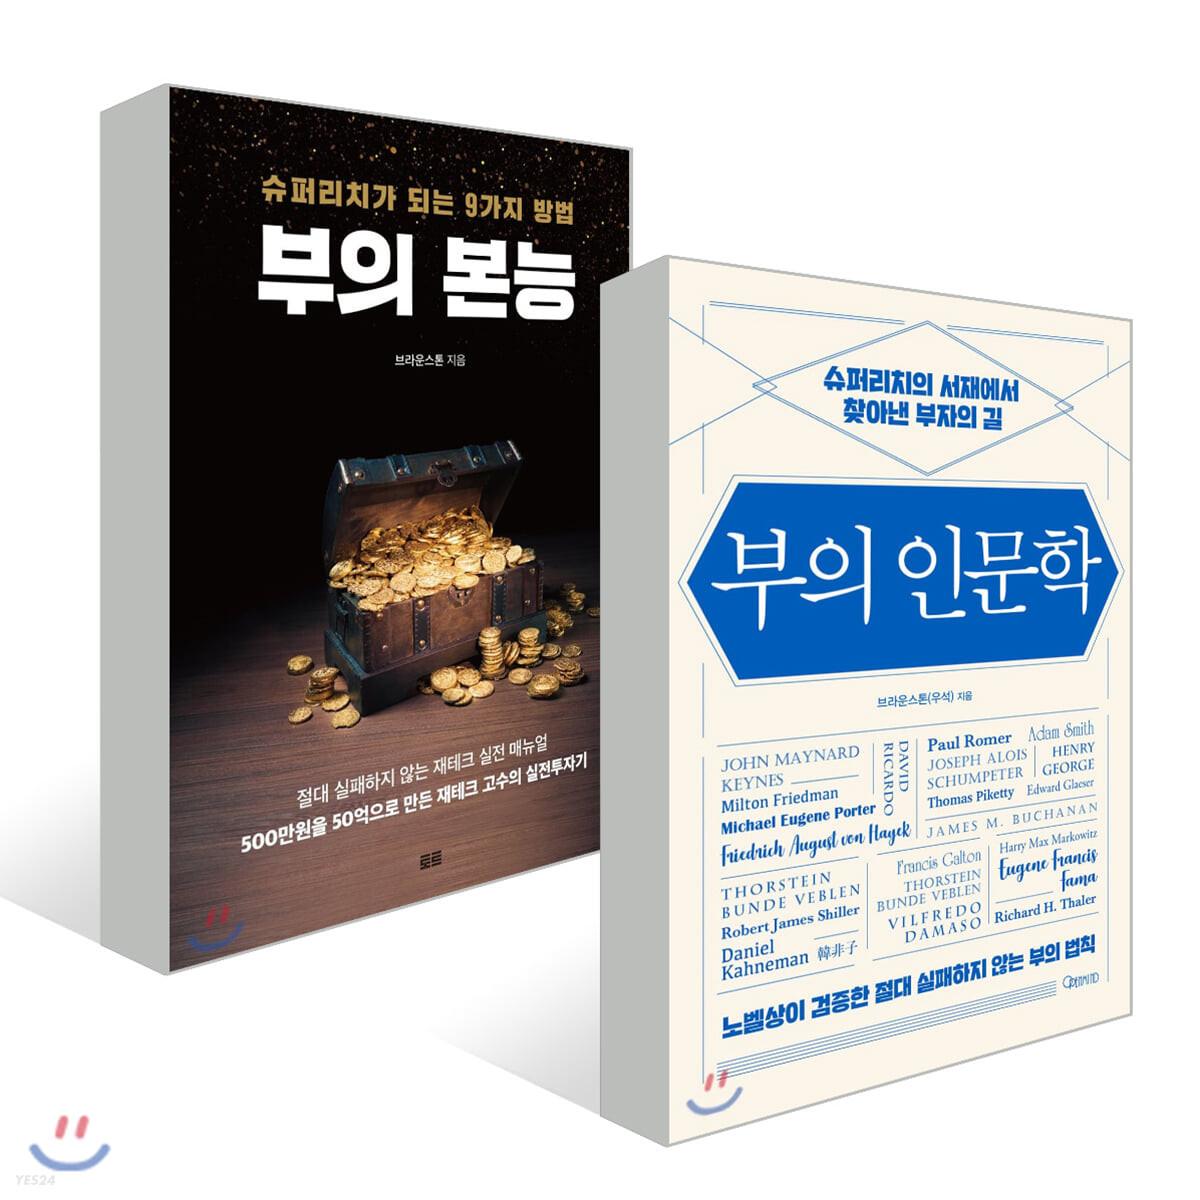 부의 본능 + 부의 인문학